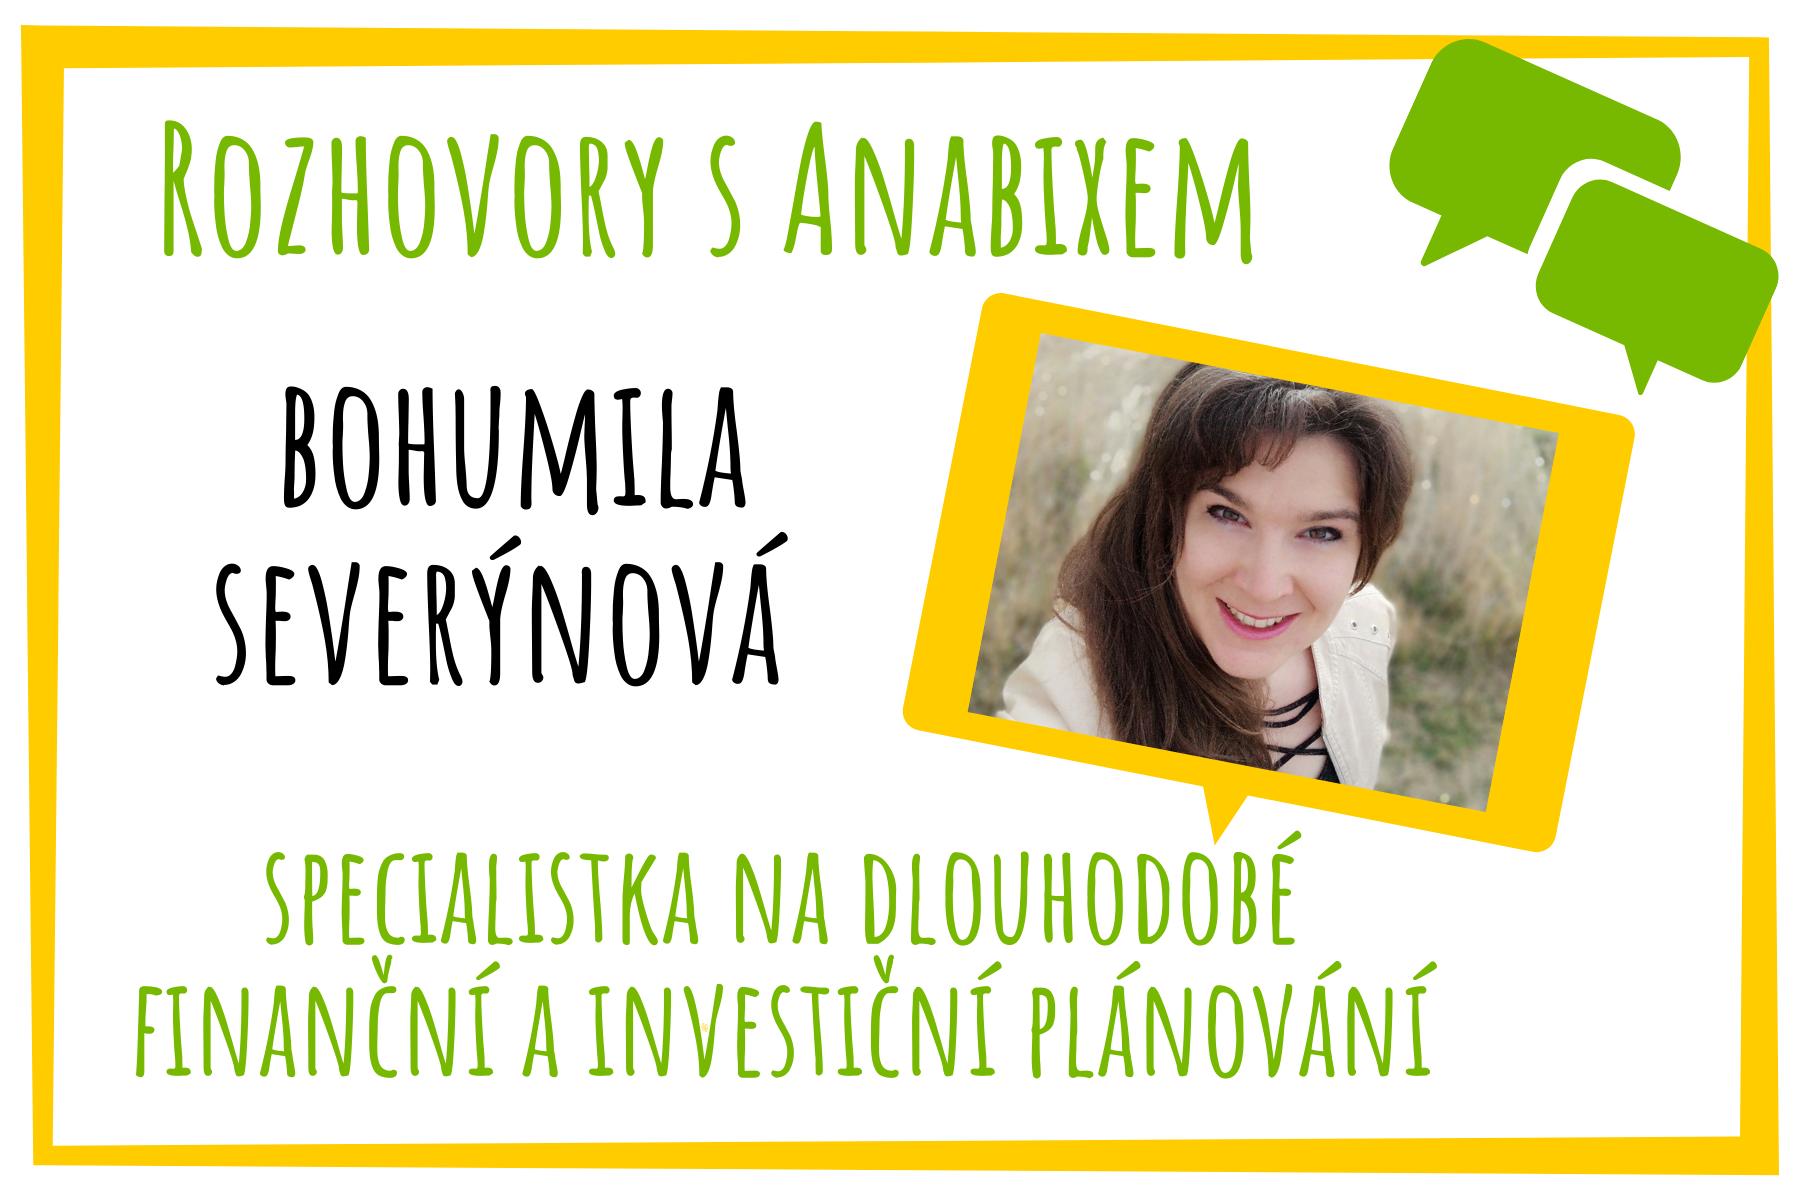 Rozhovory sAnabixem - Bohumila Severýnová